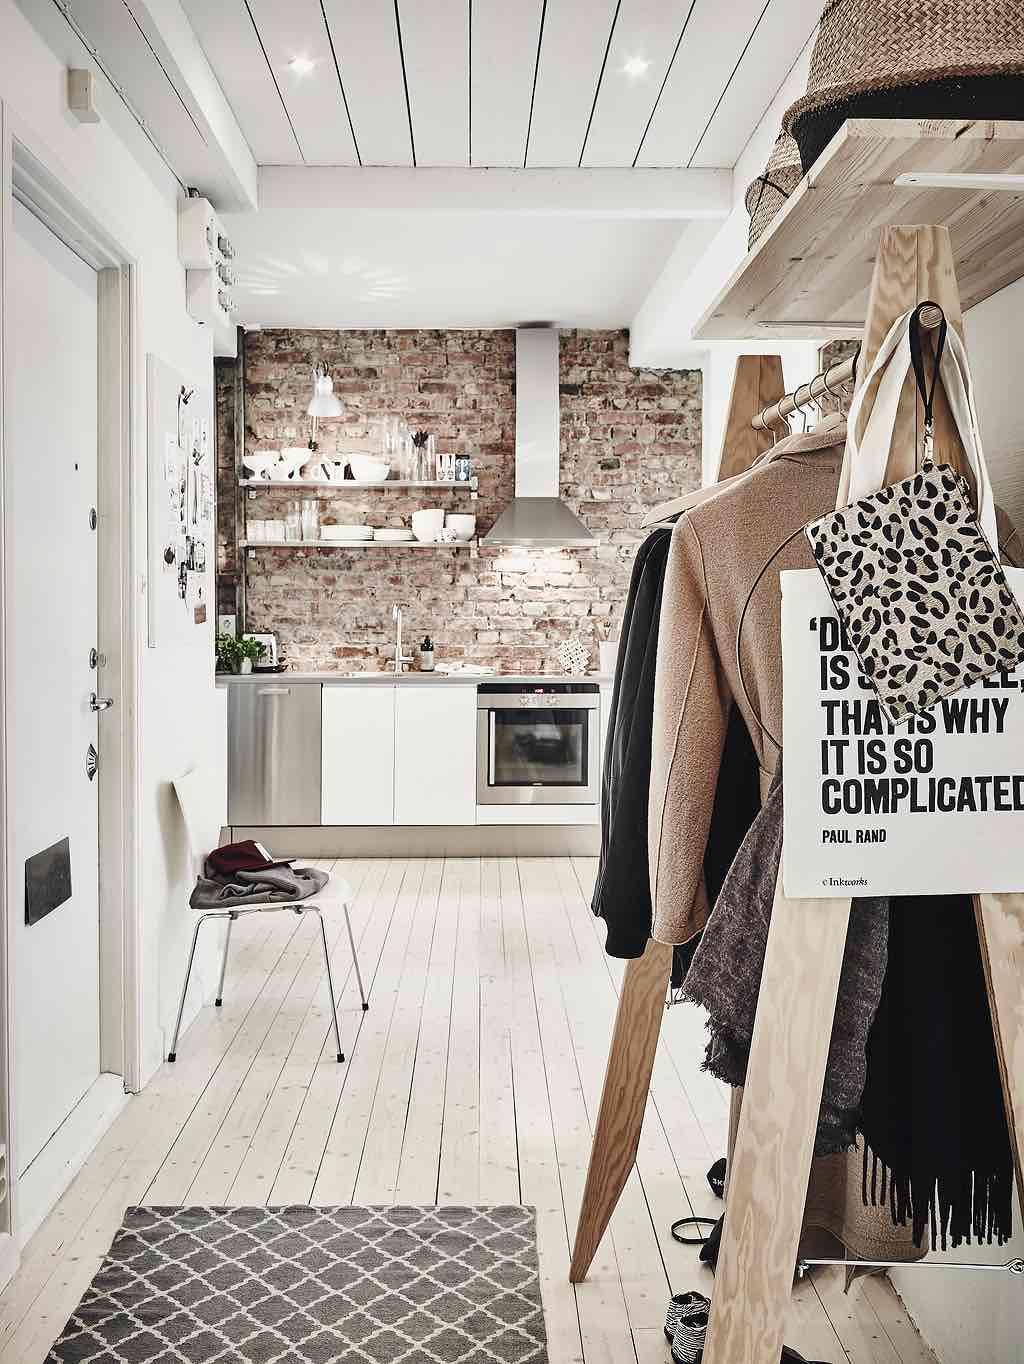 Schlafzimmer Ideen Ikea Malm: Ikea bett malm x niedrig. Tipps fur ...